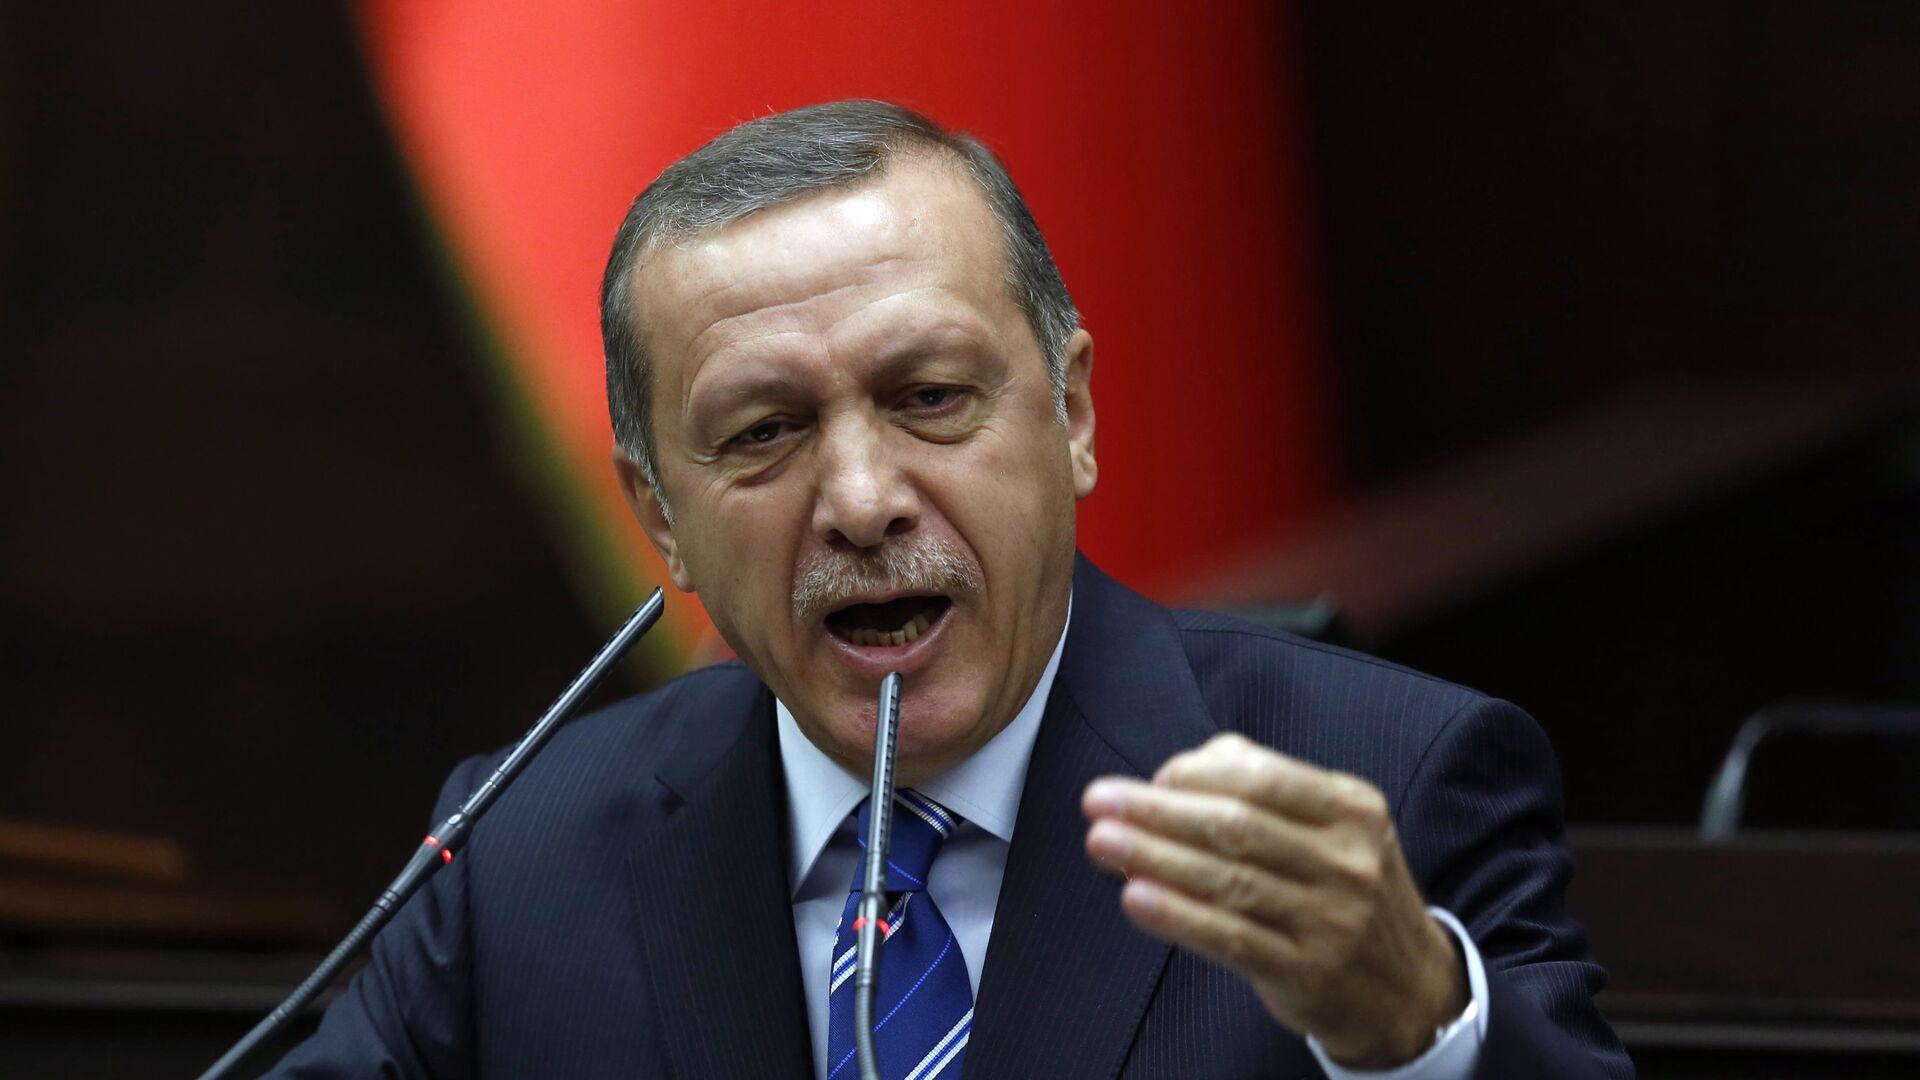 Премьер-министр Турции Реджеп Тайип Эрдоган - РИА Новости, 1920, 14.11.2019